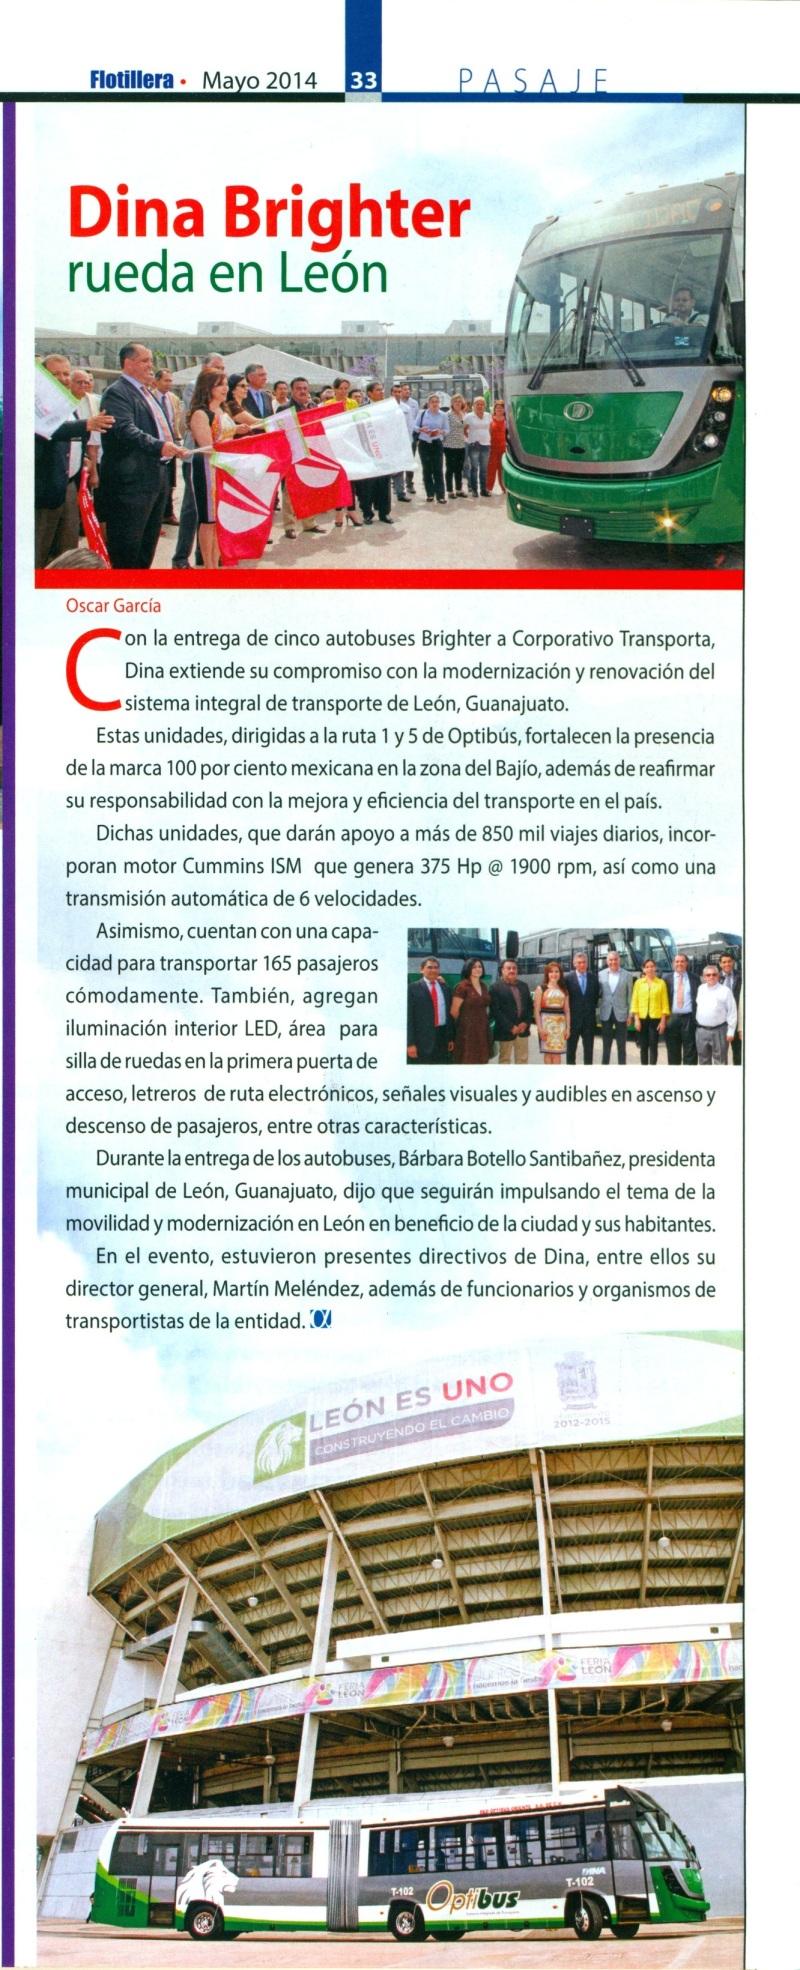 Revista %22Alianza Flotillera%22 Mayo 2014 Pag. 33